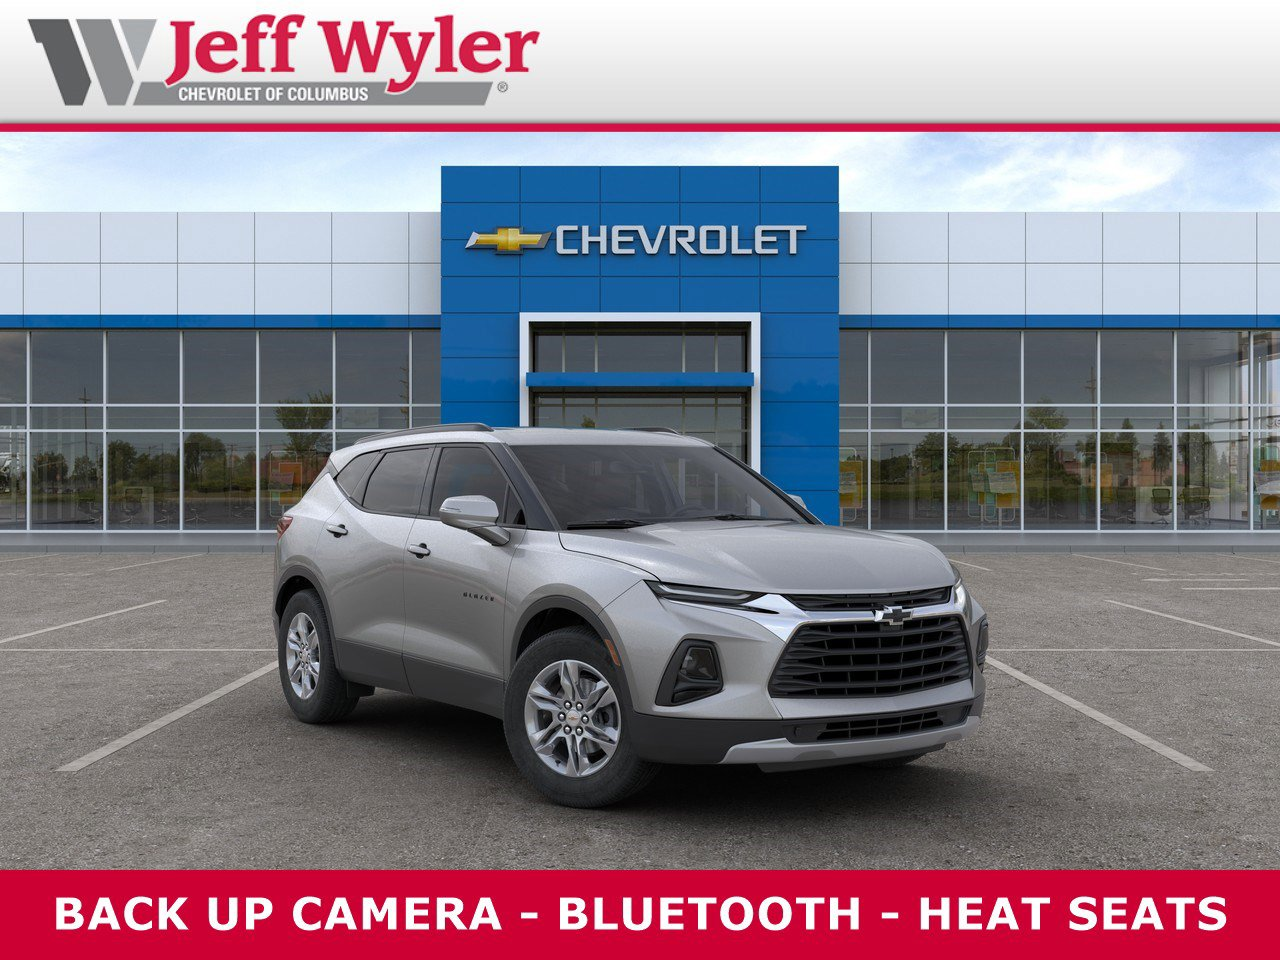 2020 Chevrolet Blazer AWD LT w/ 2LT image